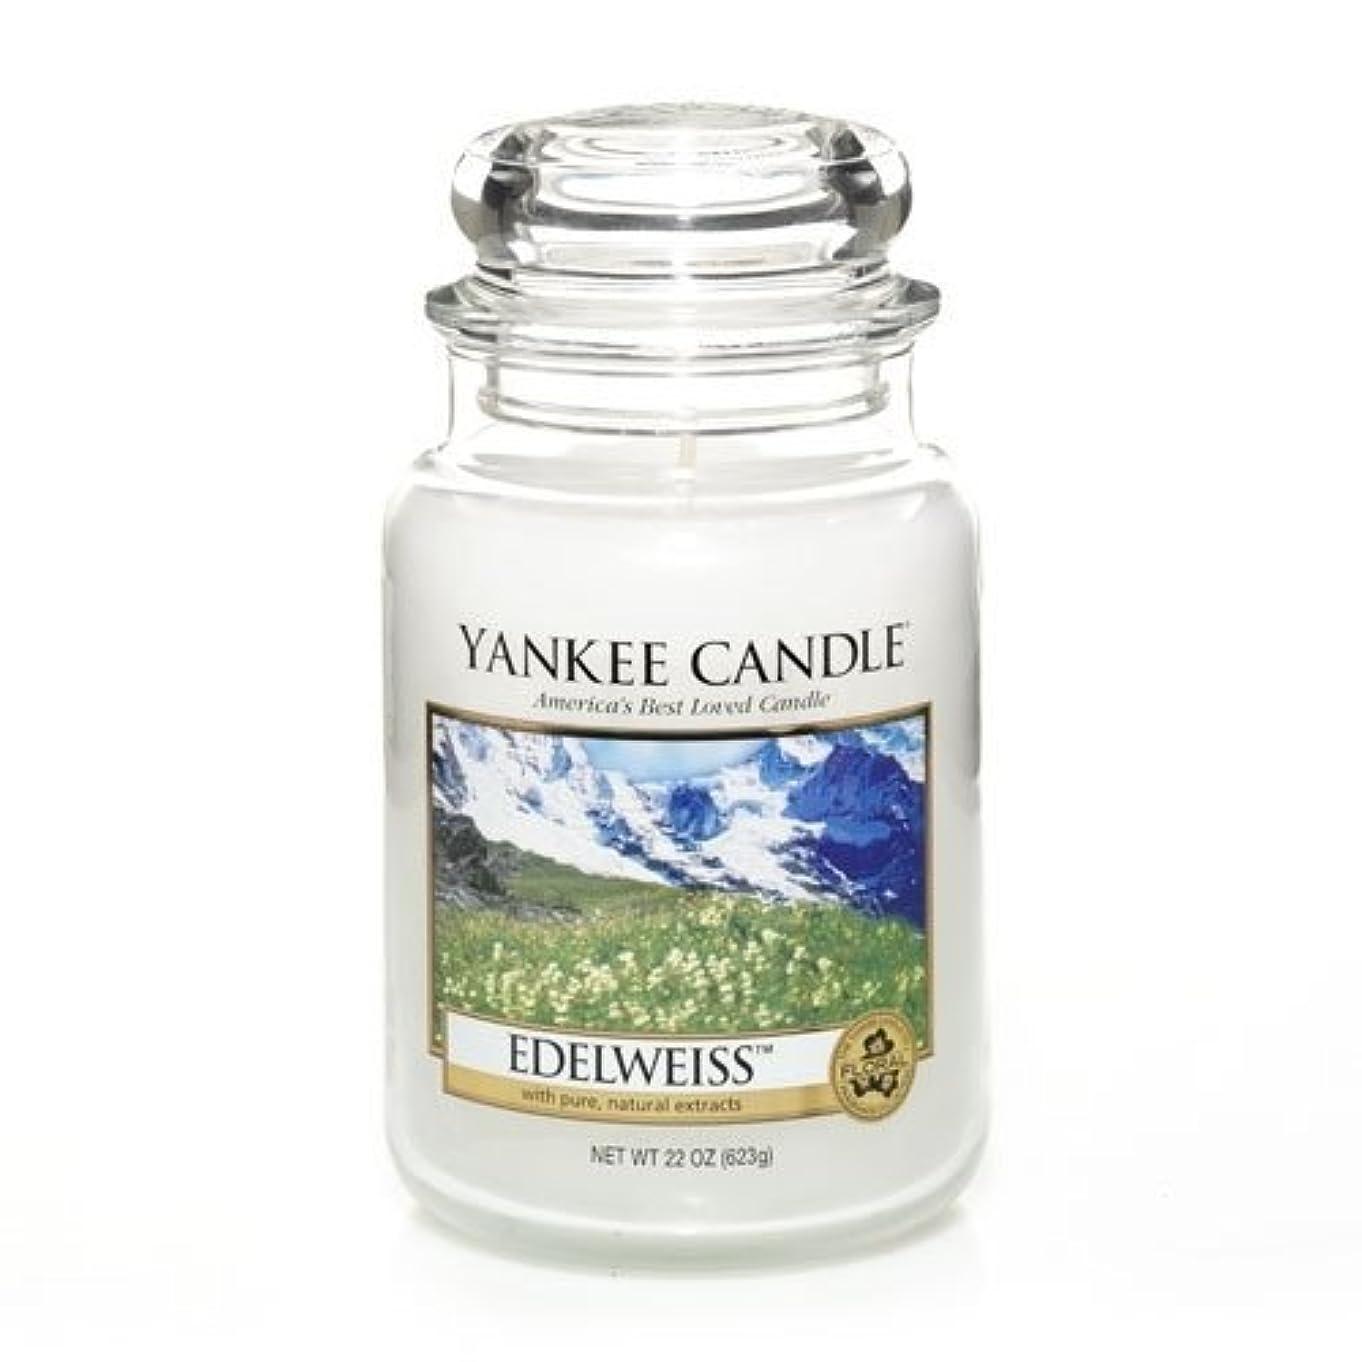 オークランド最適姿を消すYankee Candle EDELWEISS Large Jar, Food & Spice香り